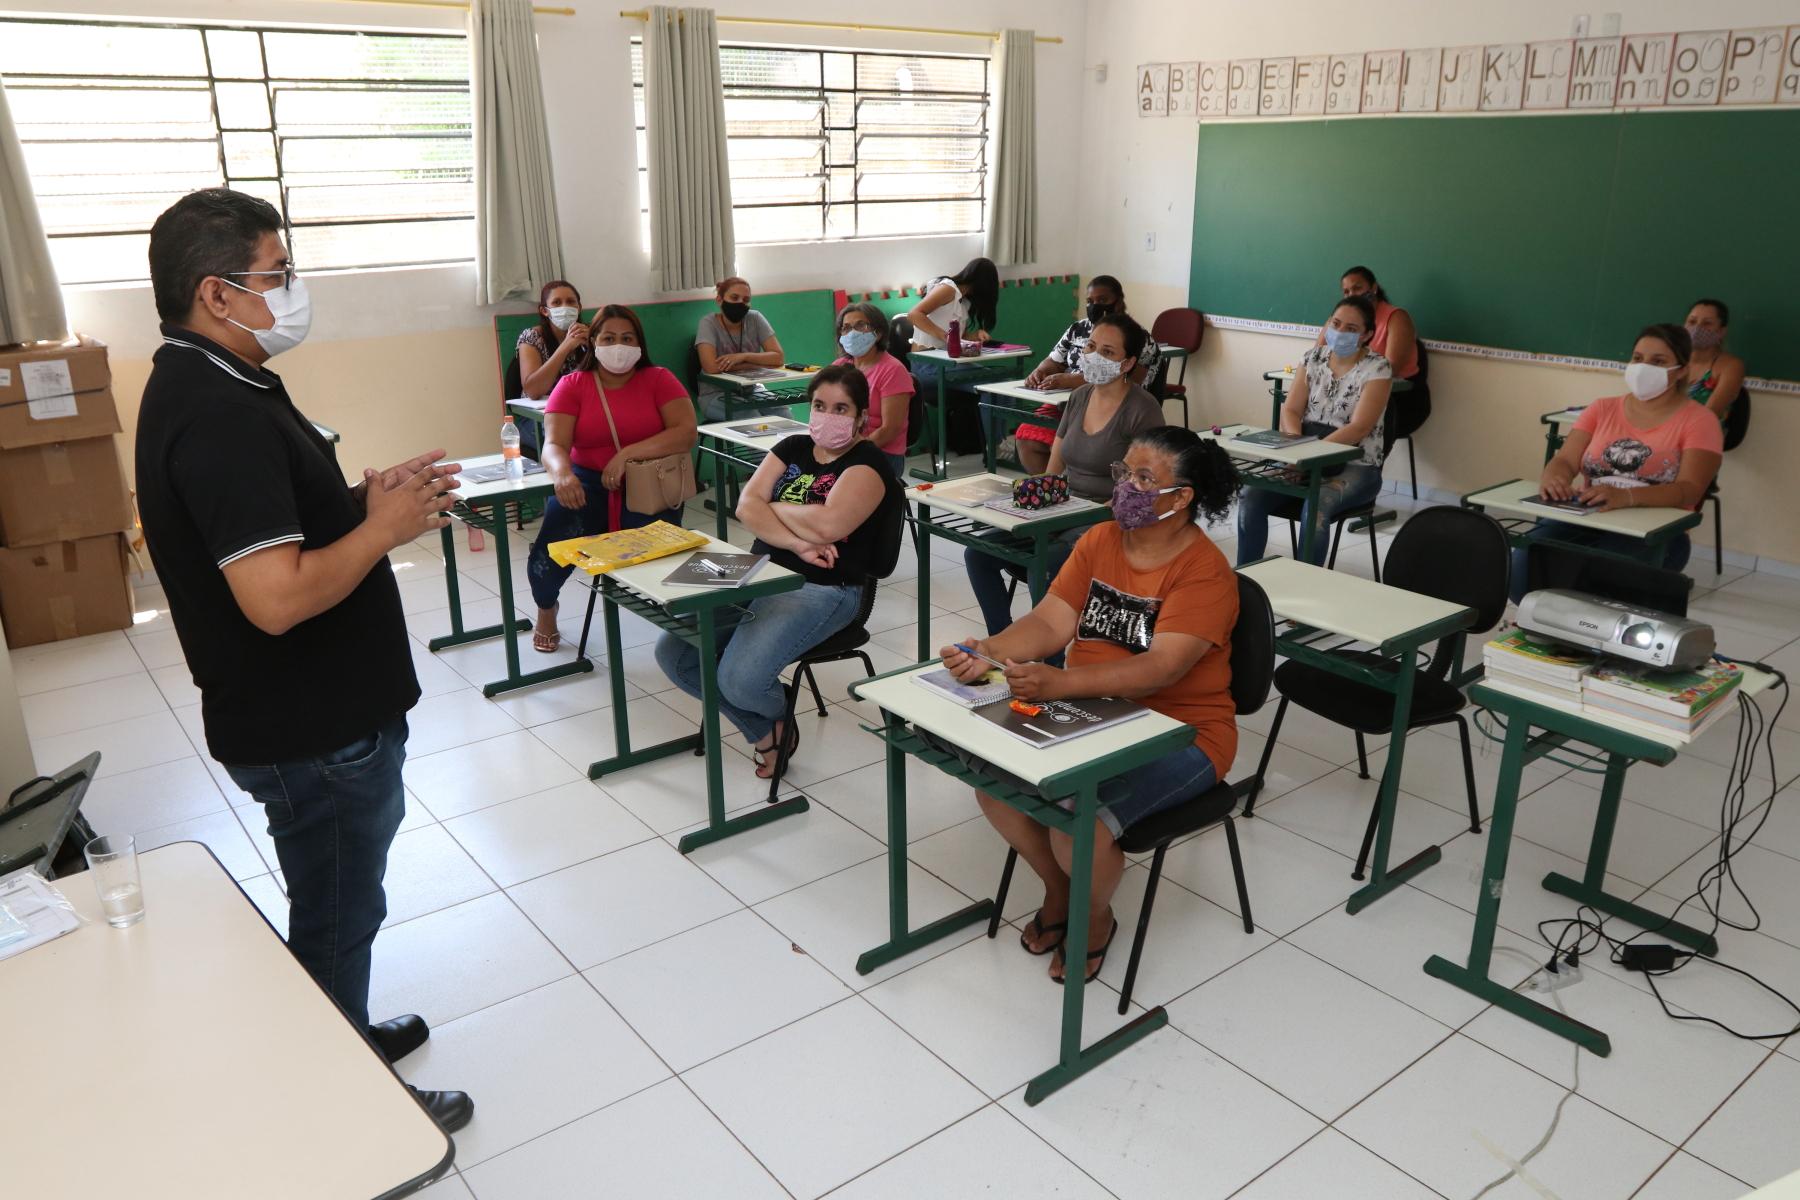 Jacareí tem curso gratuito de empreendedorismo para mulheres